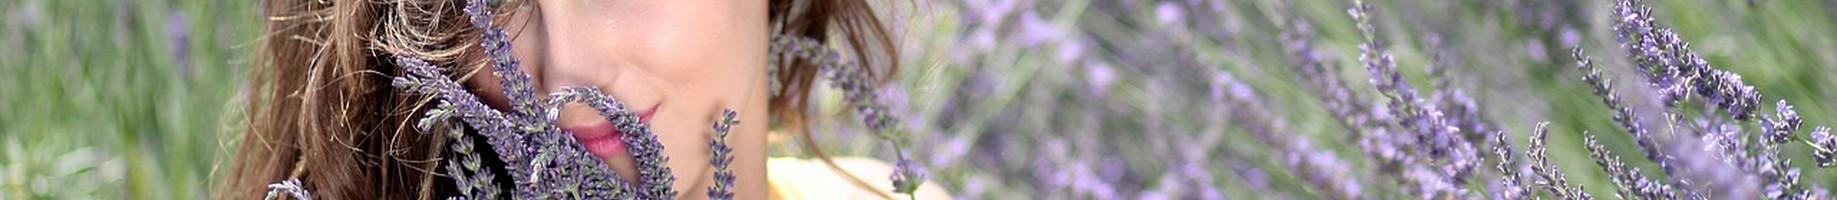 girl-1472191_1280